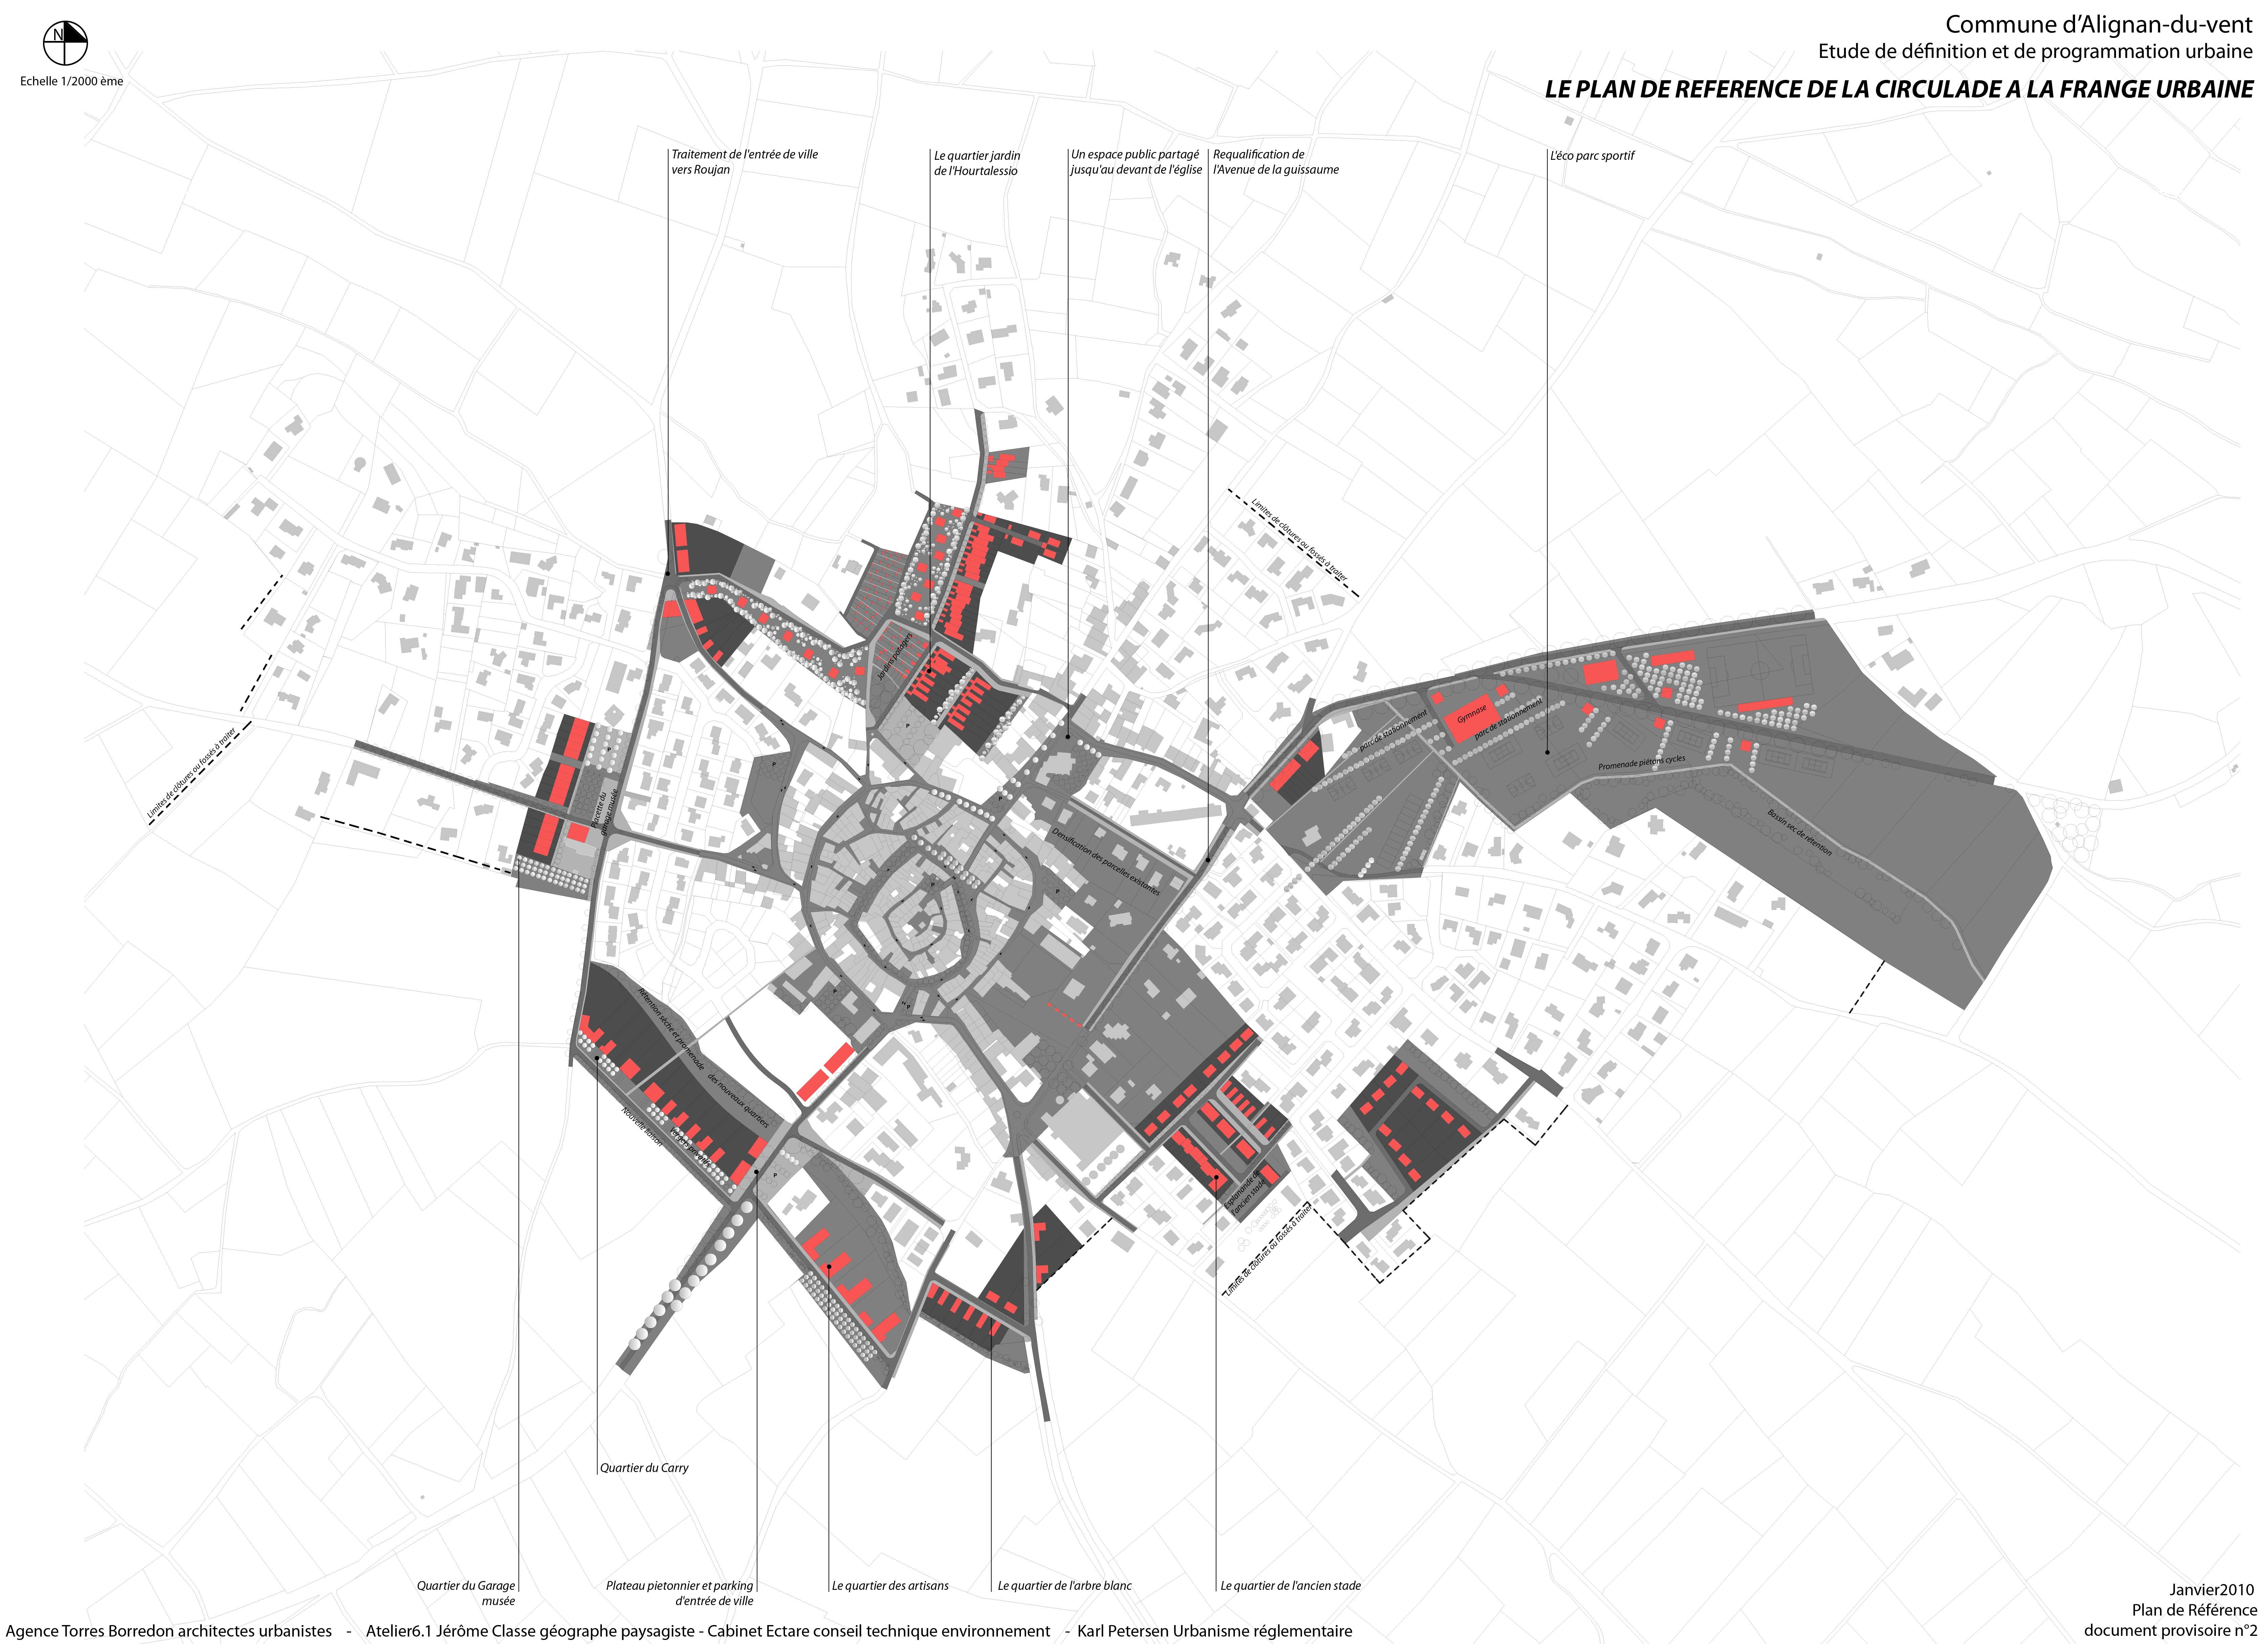 ALI-PLANREF200110-Plan de référence.jpg